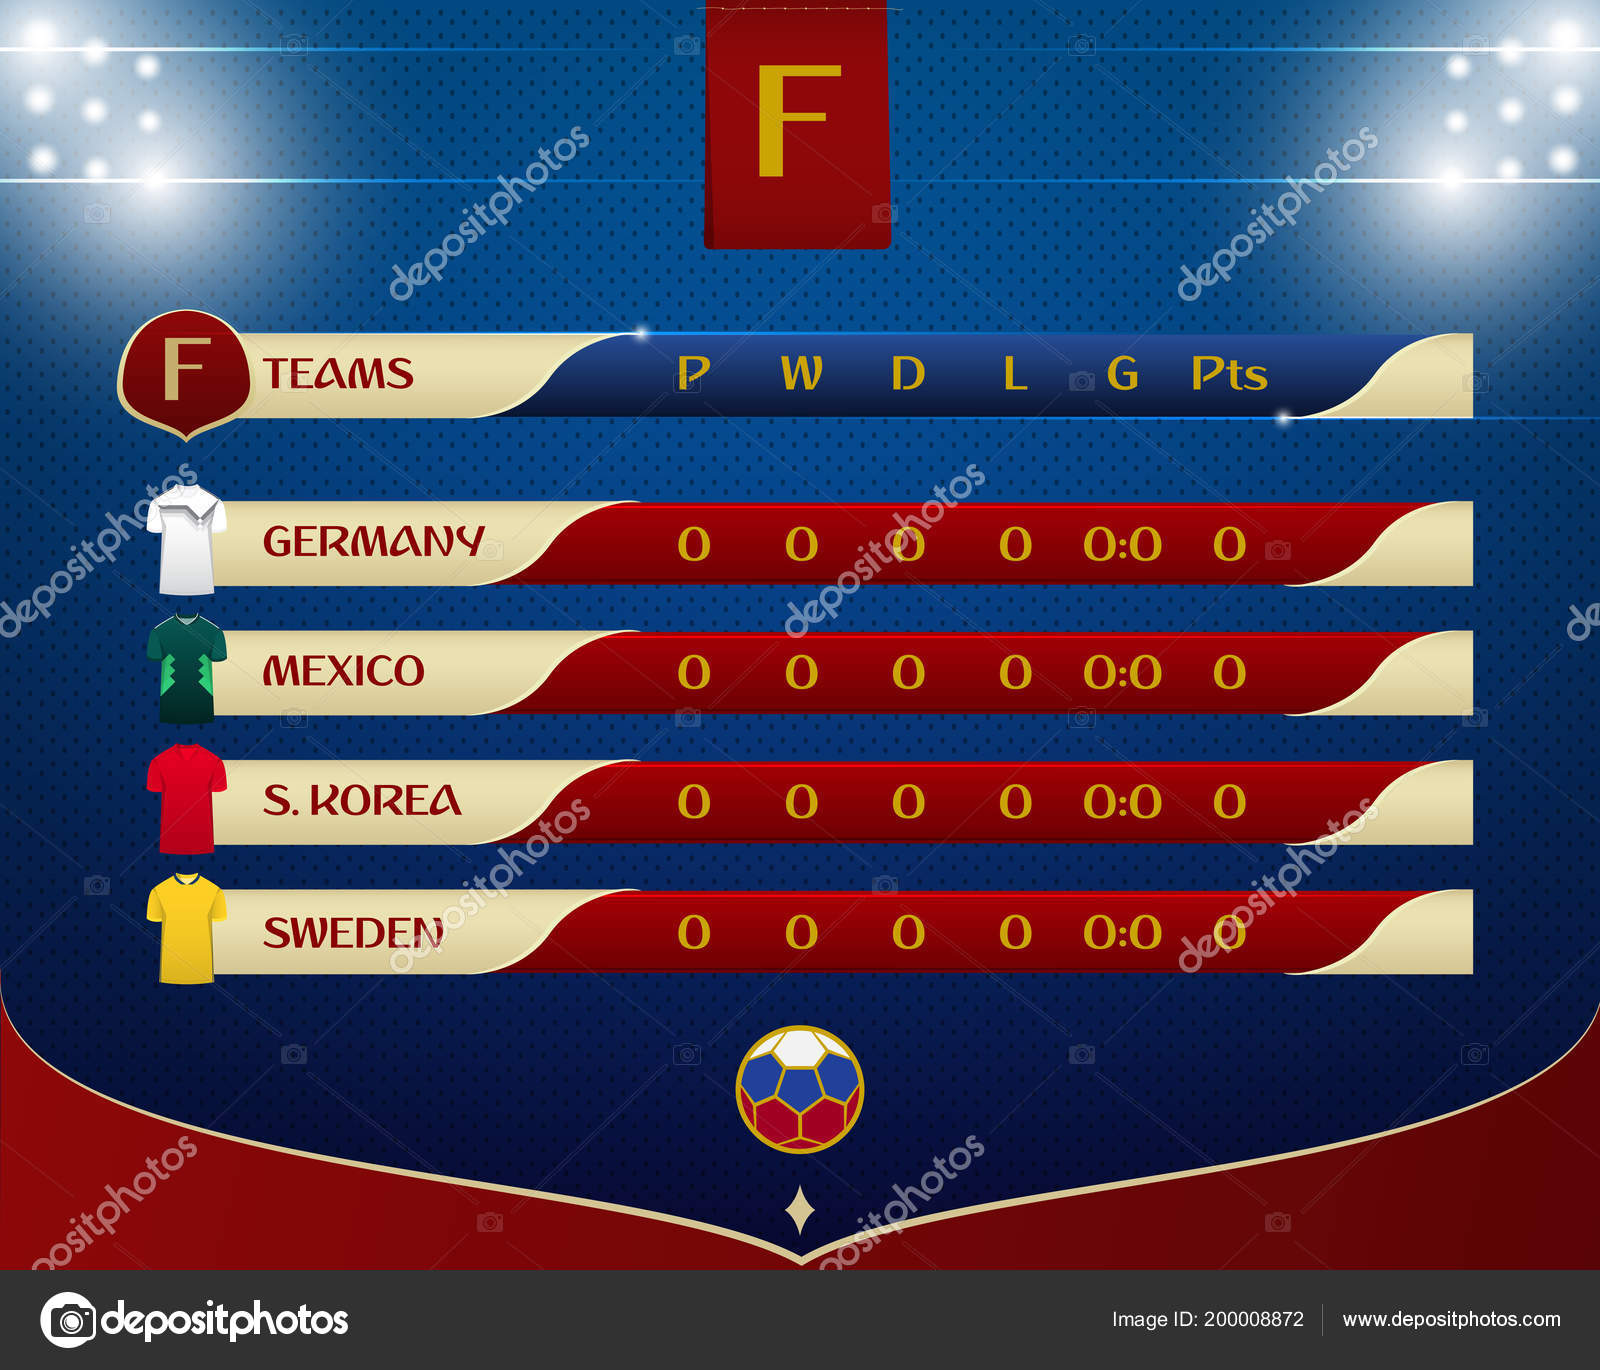 Fussball Oder Fussball Ergebnisse Tabelle Template Design